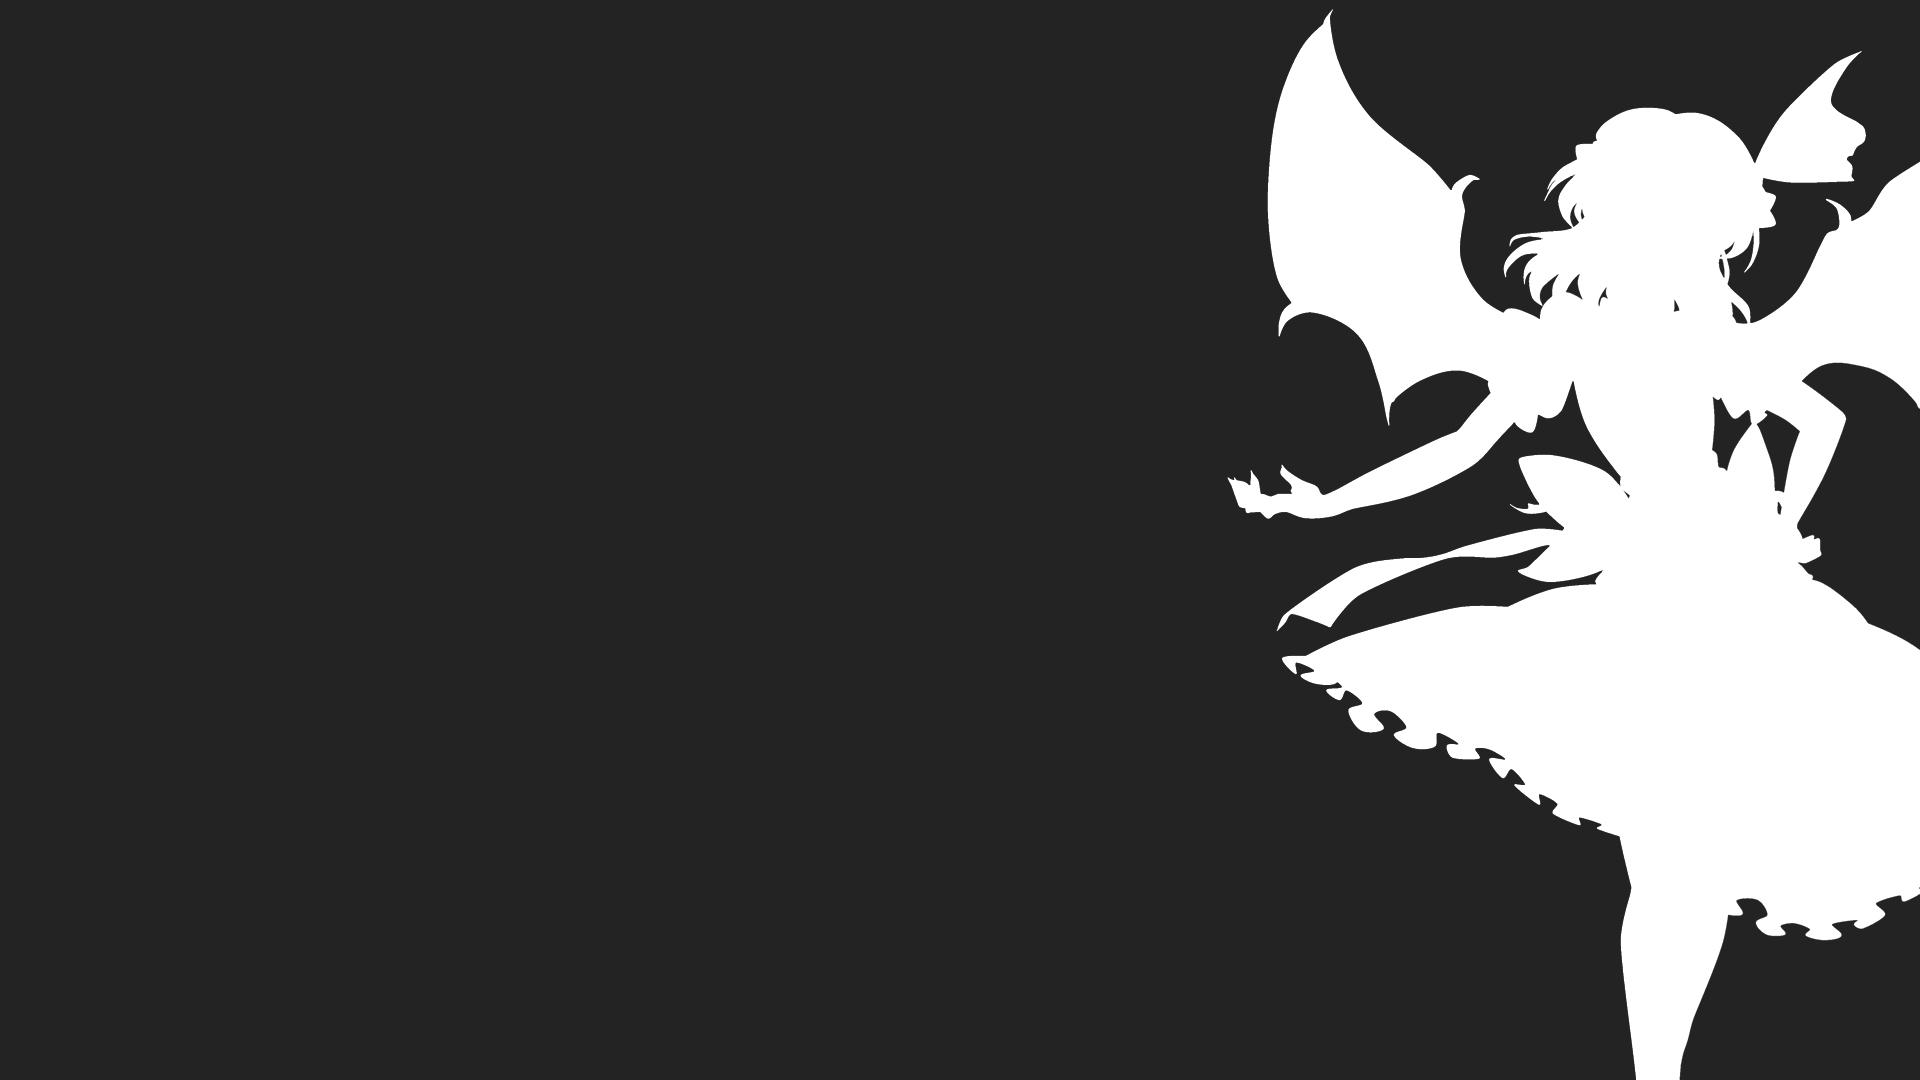 Vampire Profile Silhouette kitazinger monochrome ...